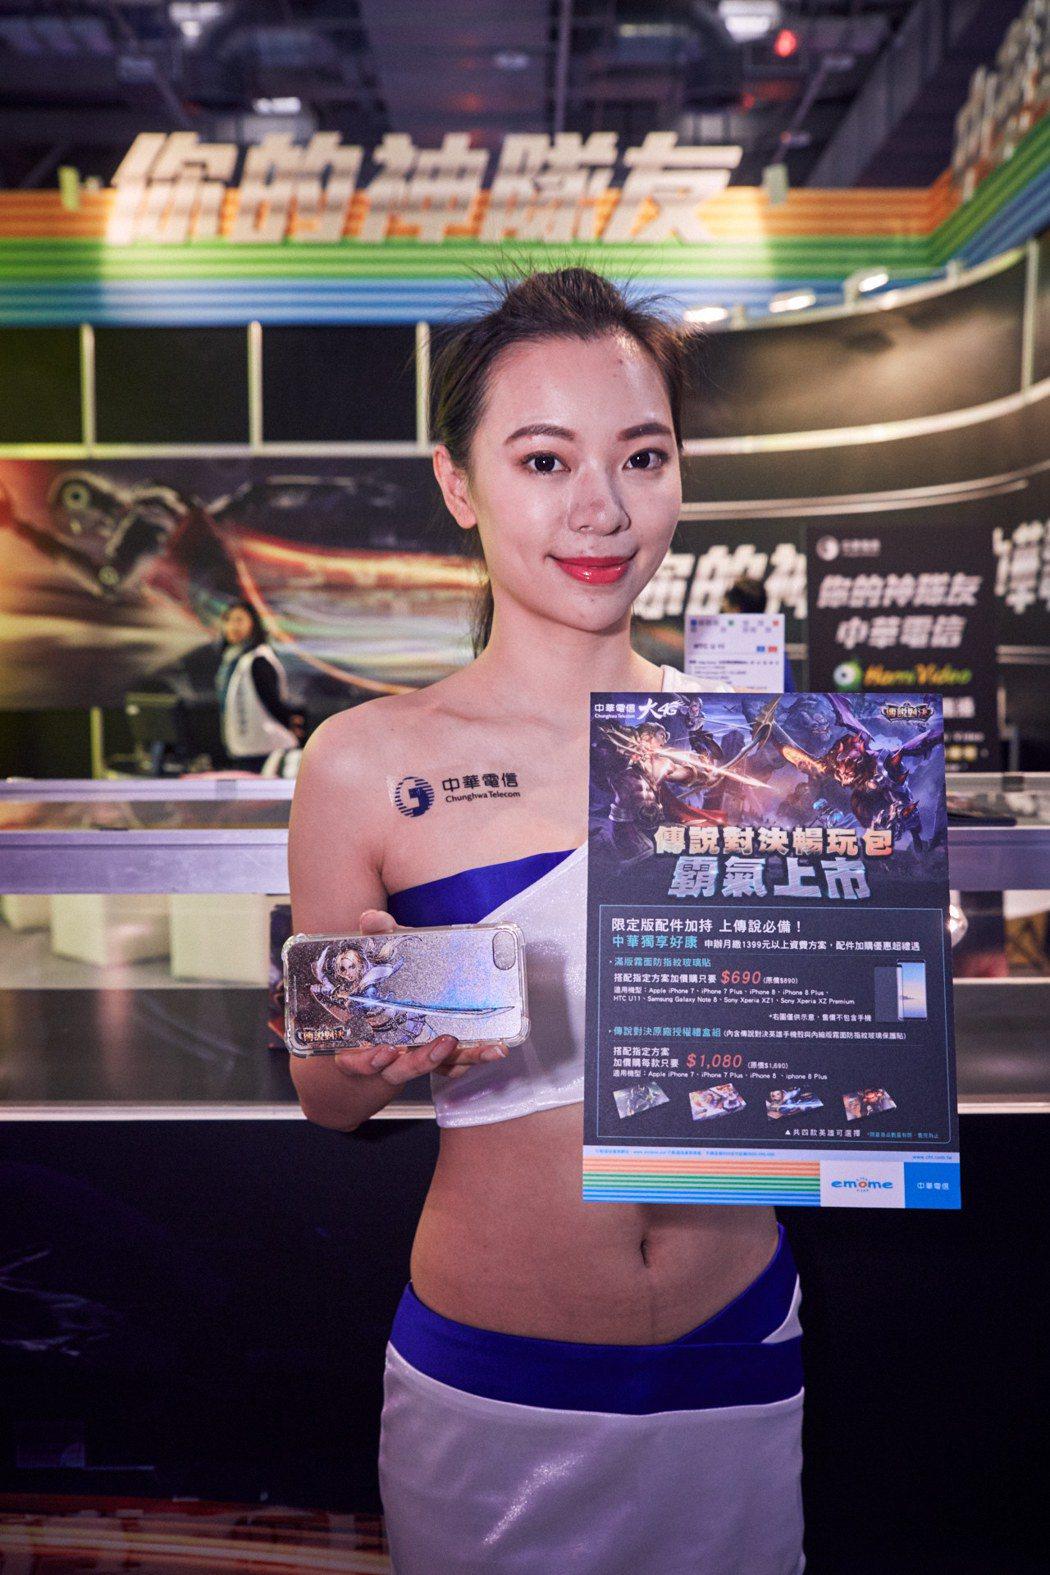 中華電信「傳說對決暢玩包」提供玩家99元加價享受30天暢玩《傳說對決》不限流量,...